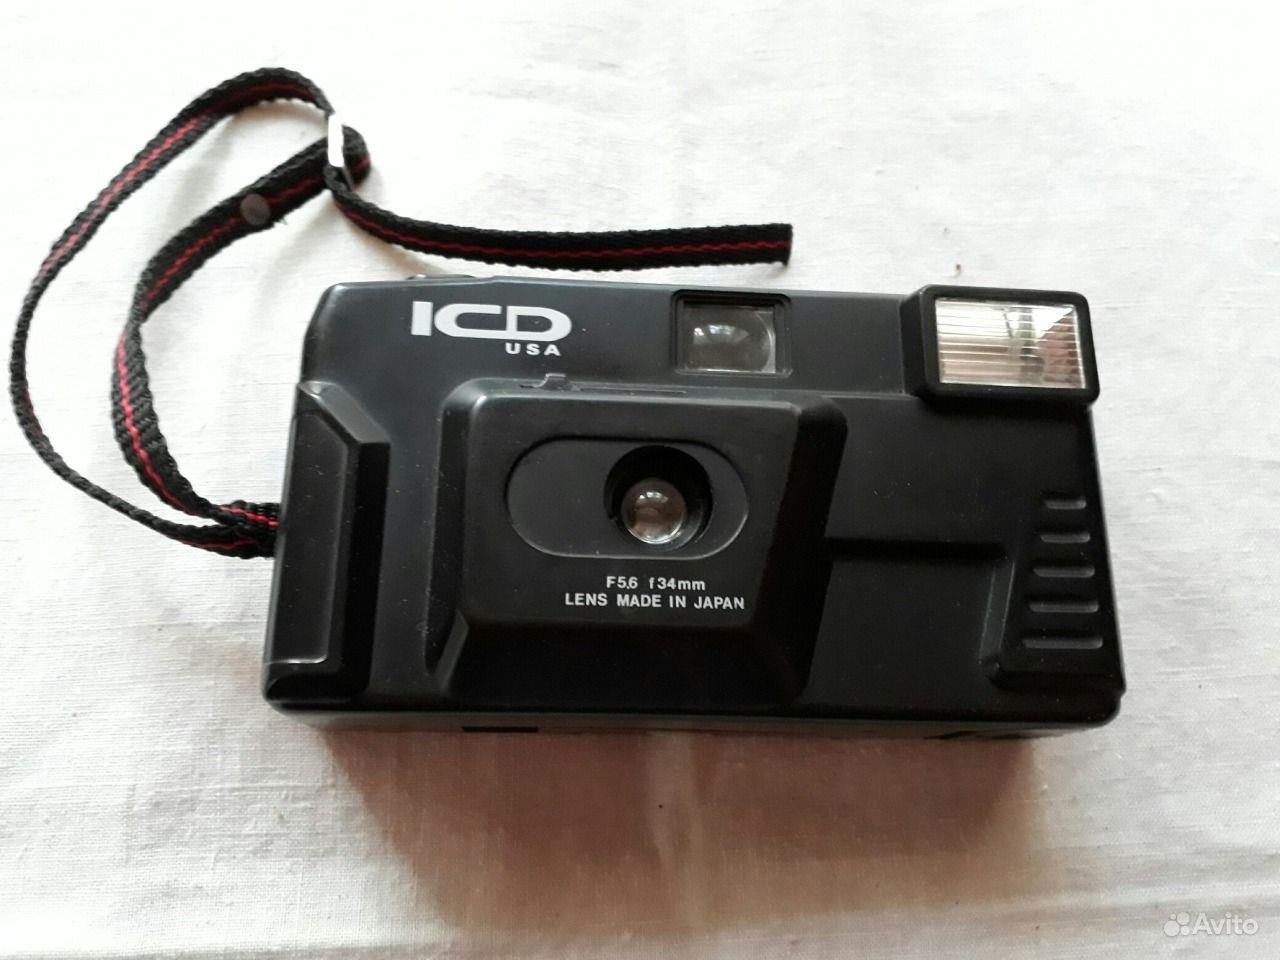 поезде сапсан рейтинг фотоаппаратов мыльниц по качеству получил широкую известность